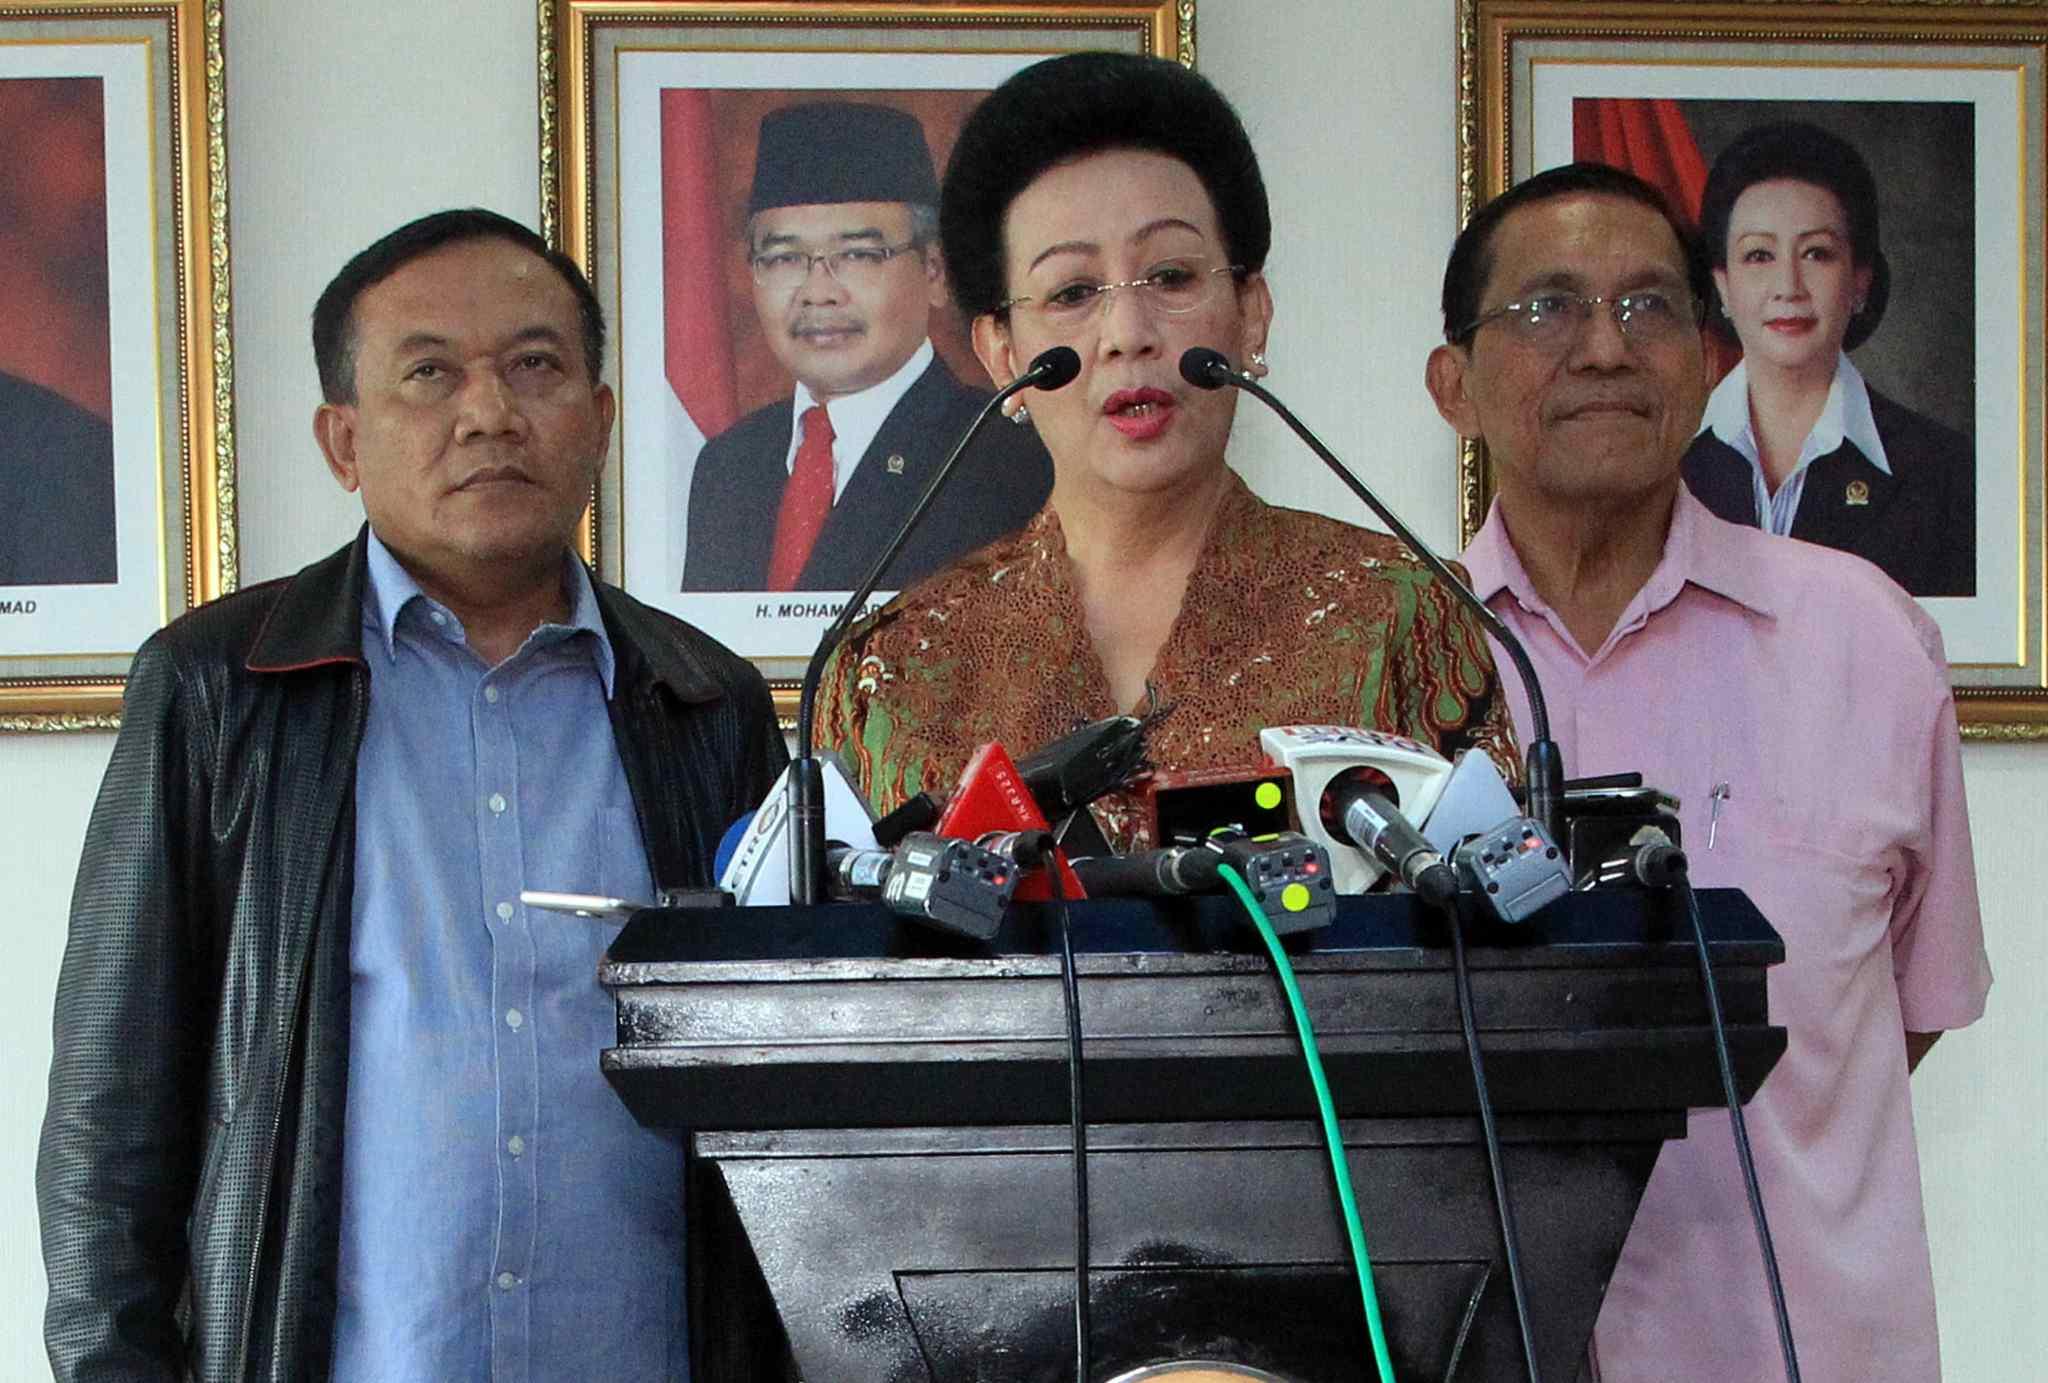 Wakil Ketua Dewan Perwakilan Rakyat (DPD) RI periode 2014-2019 Gusti Kanjeng Ratu Hemas menegaskan terpilihnya Oesman Sapta Odang (OSO) sebagai Ketua DPD tidak sah di Kompleks Parlemen, Jakarta, Selasa (4/4). Terpilihnya OSO melanggar putusan Mahkamah Agung (MA), Hemas juga yakin MA tidak akan melantik OSO sebagai Ketua DPD RI yang baru. Hemas juga menyayangkan DPD RI saat ini tidak tunduk pada konstitusi dan Undang-Undang. AKTUAL/HO